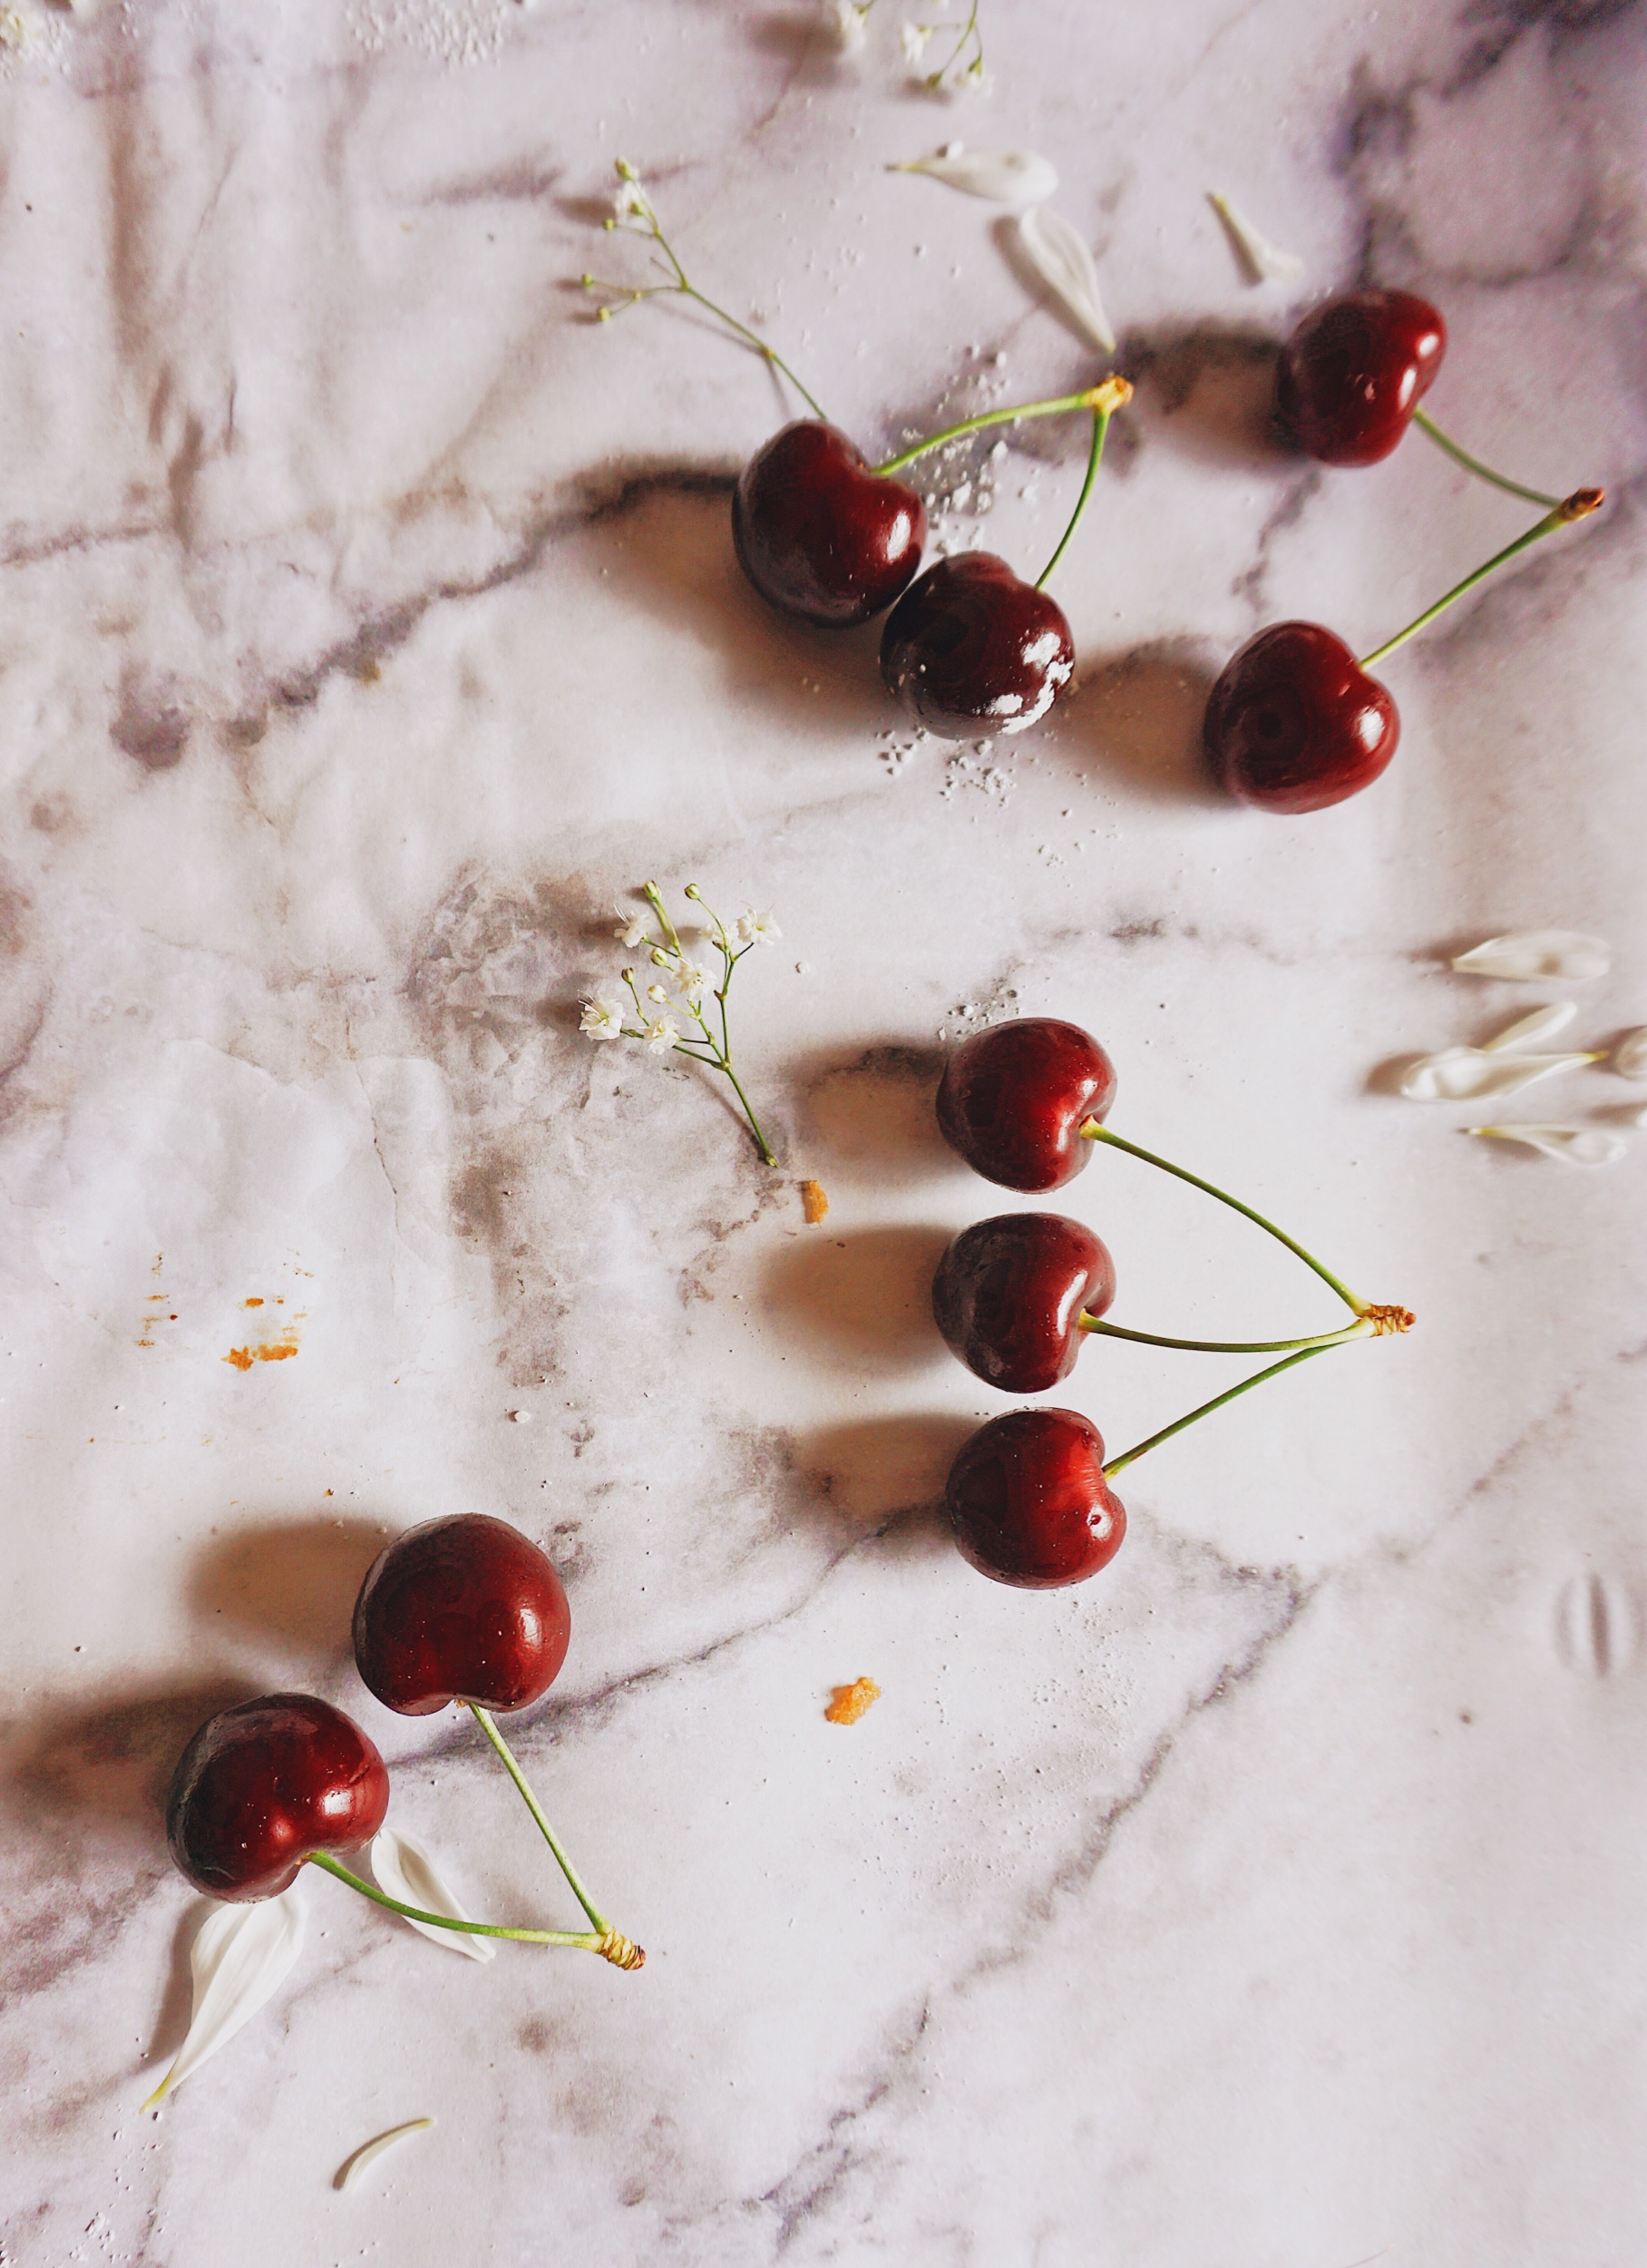 fresh red summer cherries